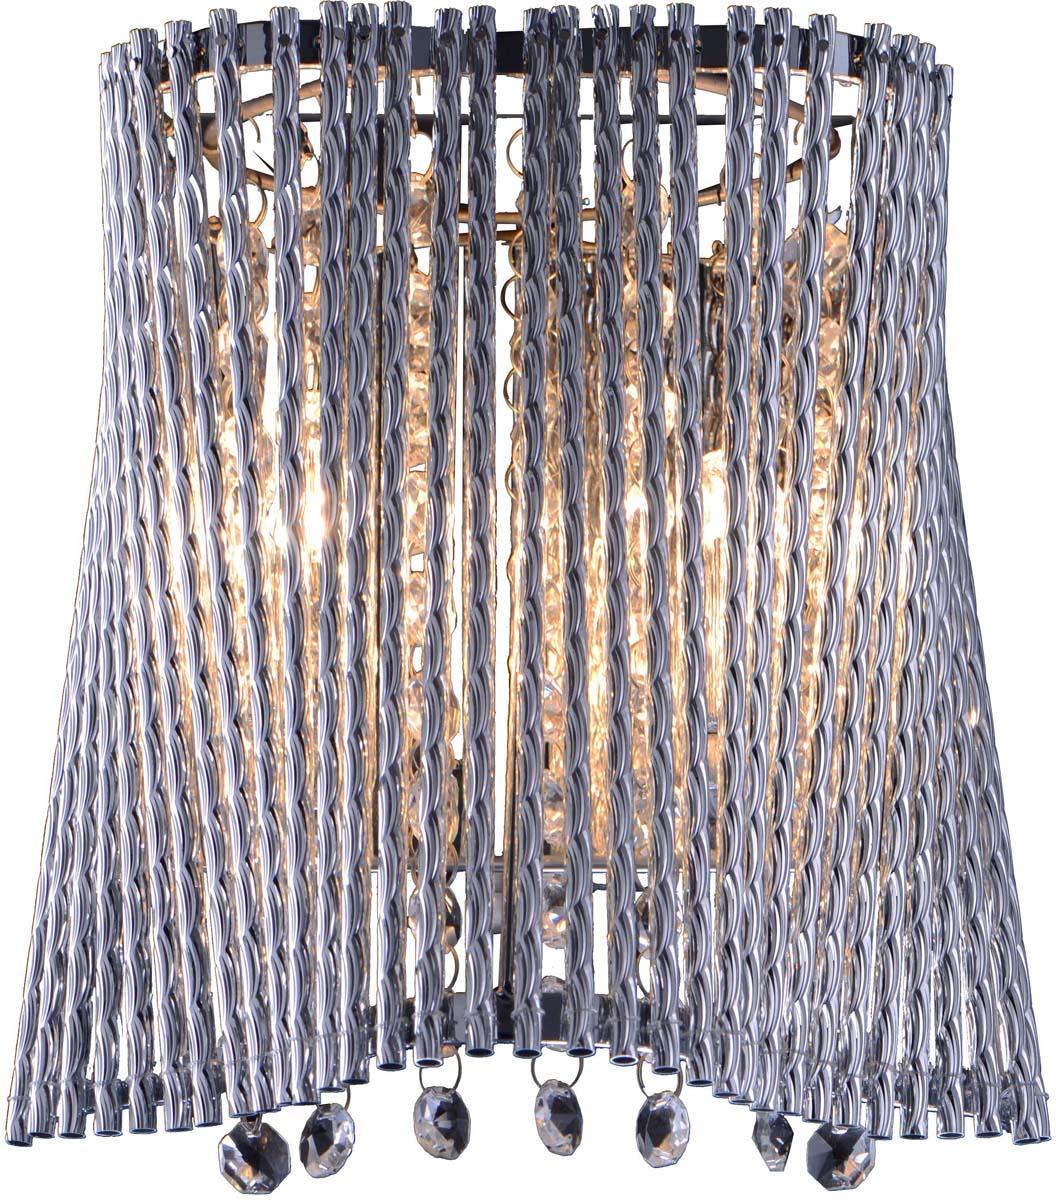 Бра Arte Lamp Incanto, 2 х G9, 40 W. A4207AP-2CC arte бра arte aqua a9501ap 2cc umtzuis